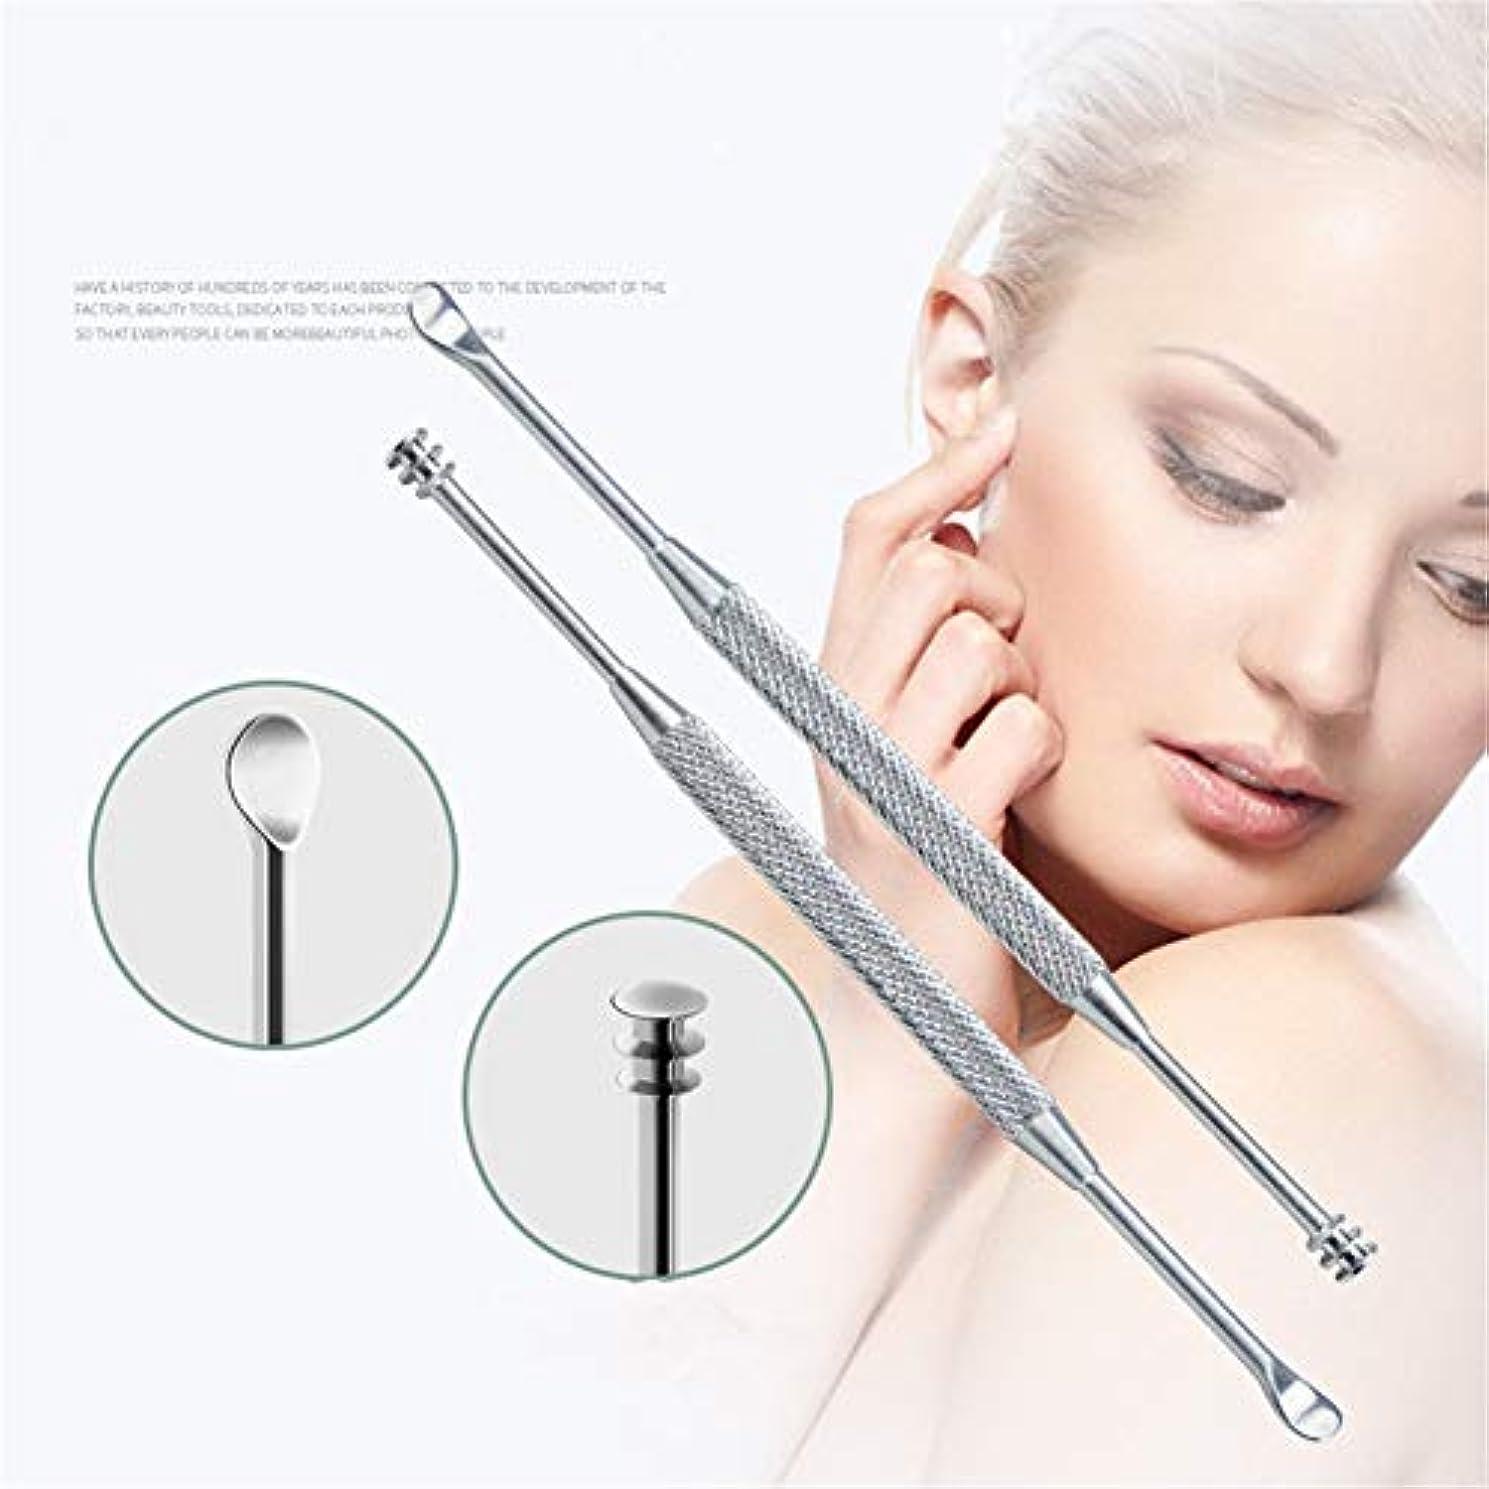 貢献する年観察するZHQI-GH 1ピース&3ピース新しいステンレス鋼の皮の耳シルバーディグ耳かきワックスリムーバーキュレット用クリーニング耳スプーンクリーンヘルスケア耳ケアツール40 (Color : Silver, Size : 1pcs)